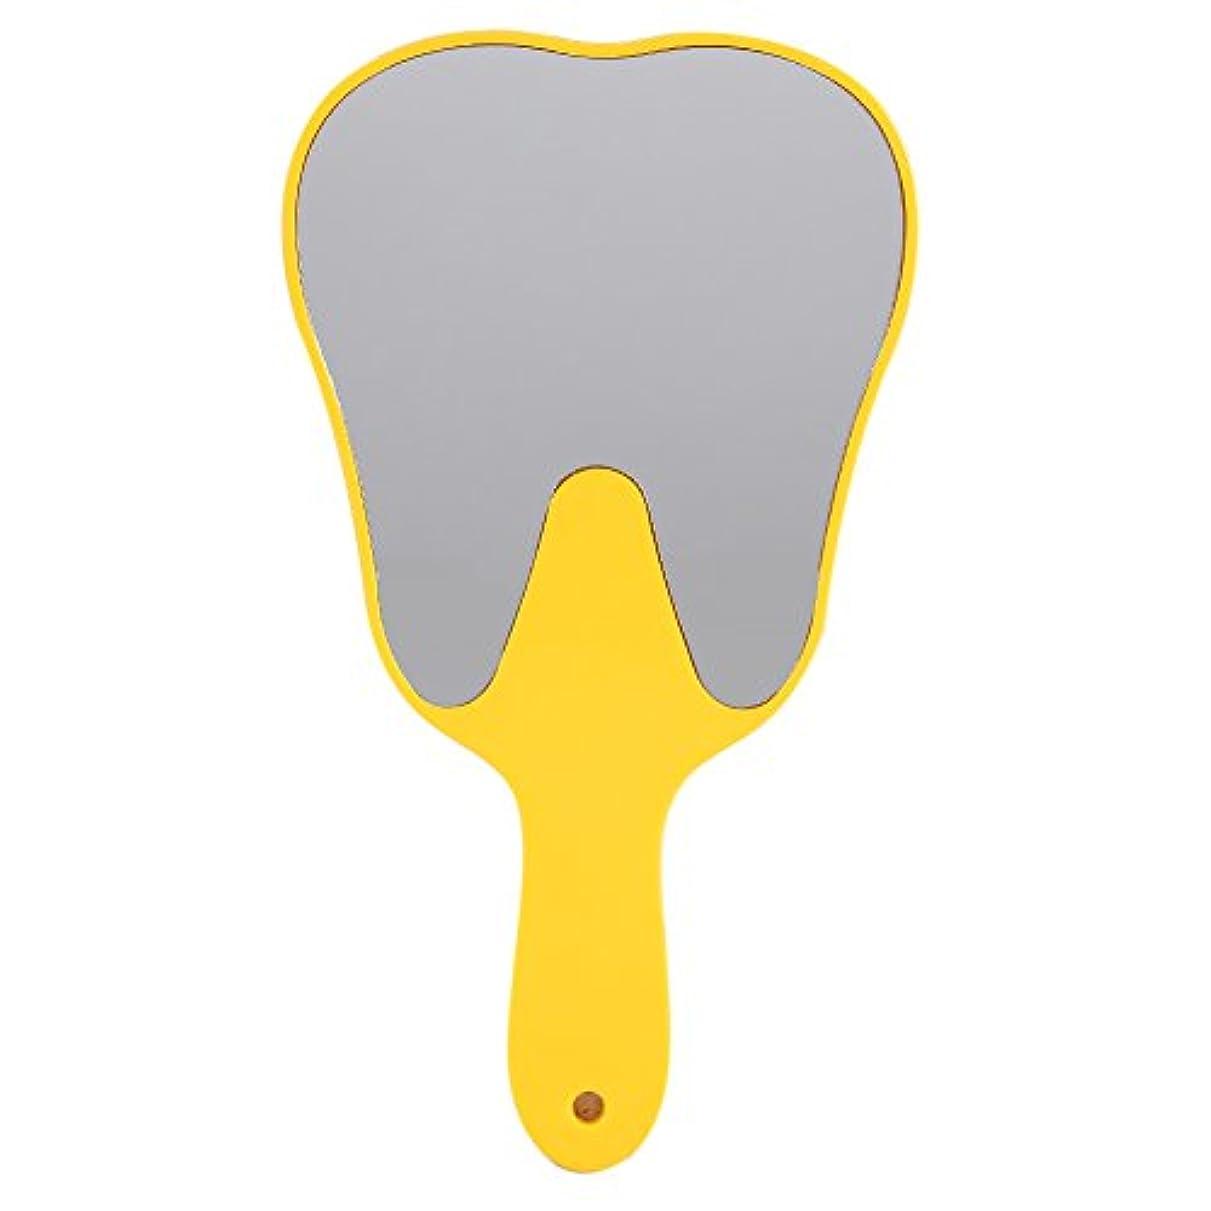 ましい推定する学部長おしゃれな便利なかわいいプラスチックハンドル歯歯科ケアハンドミラーツール(黄色)